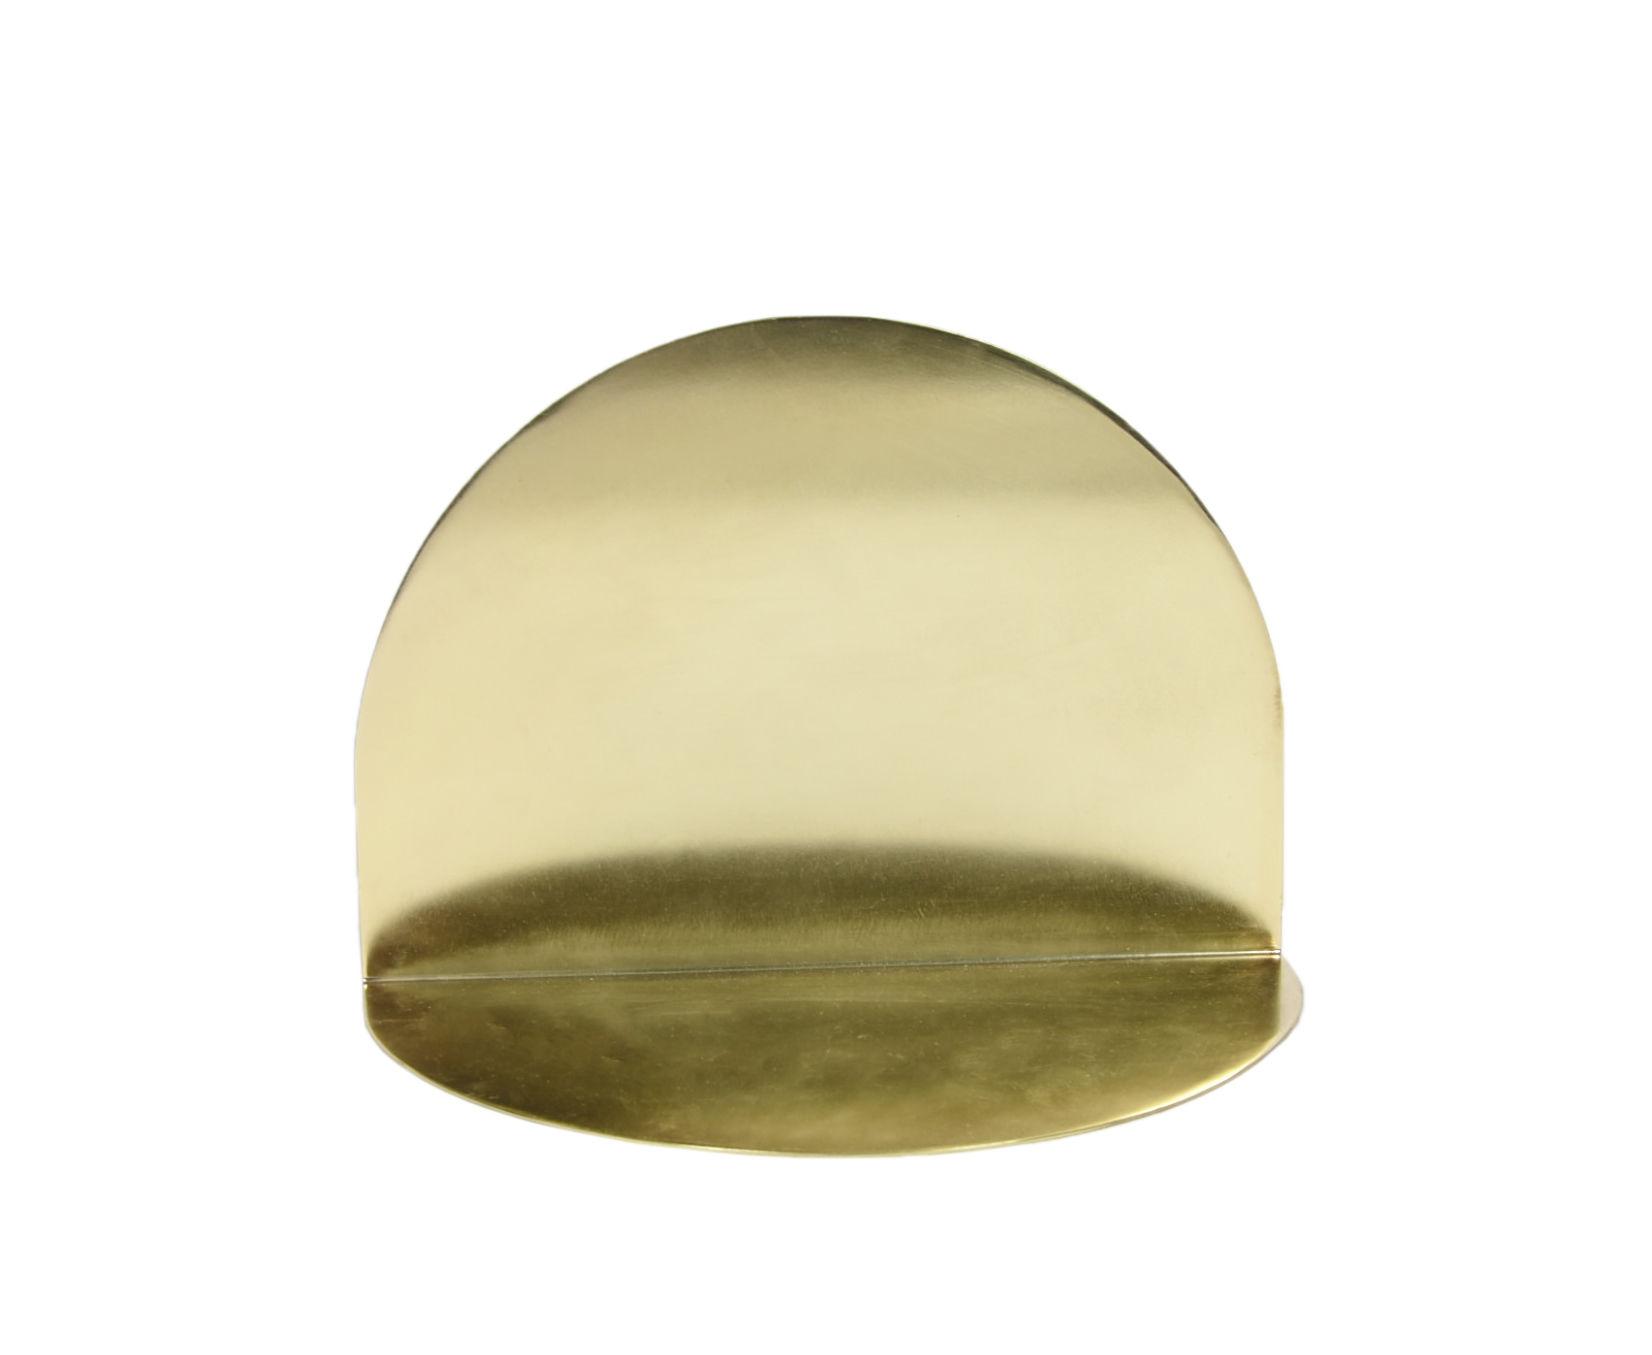 Möbel - Regale und Bücherregale - Archal Wandregal / Halbmond - L 28 cm x H 20 cm - ENOstudio - Messing / Halbmond - Acier finition laiton